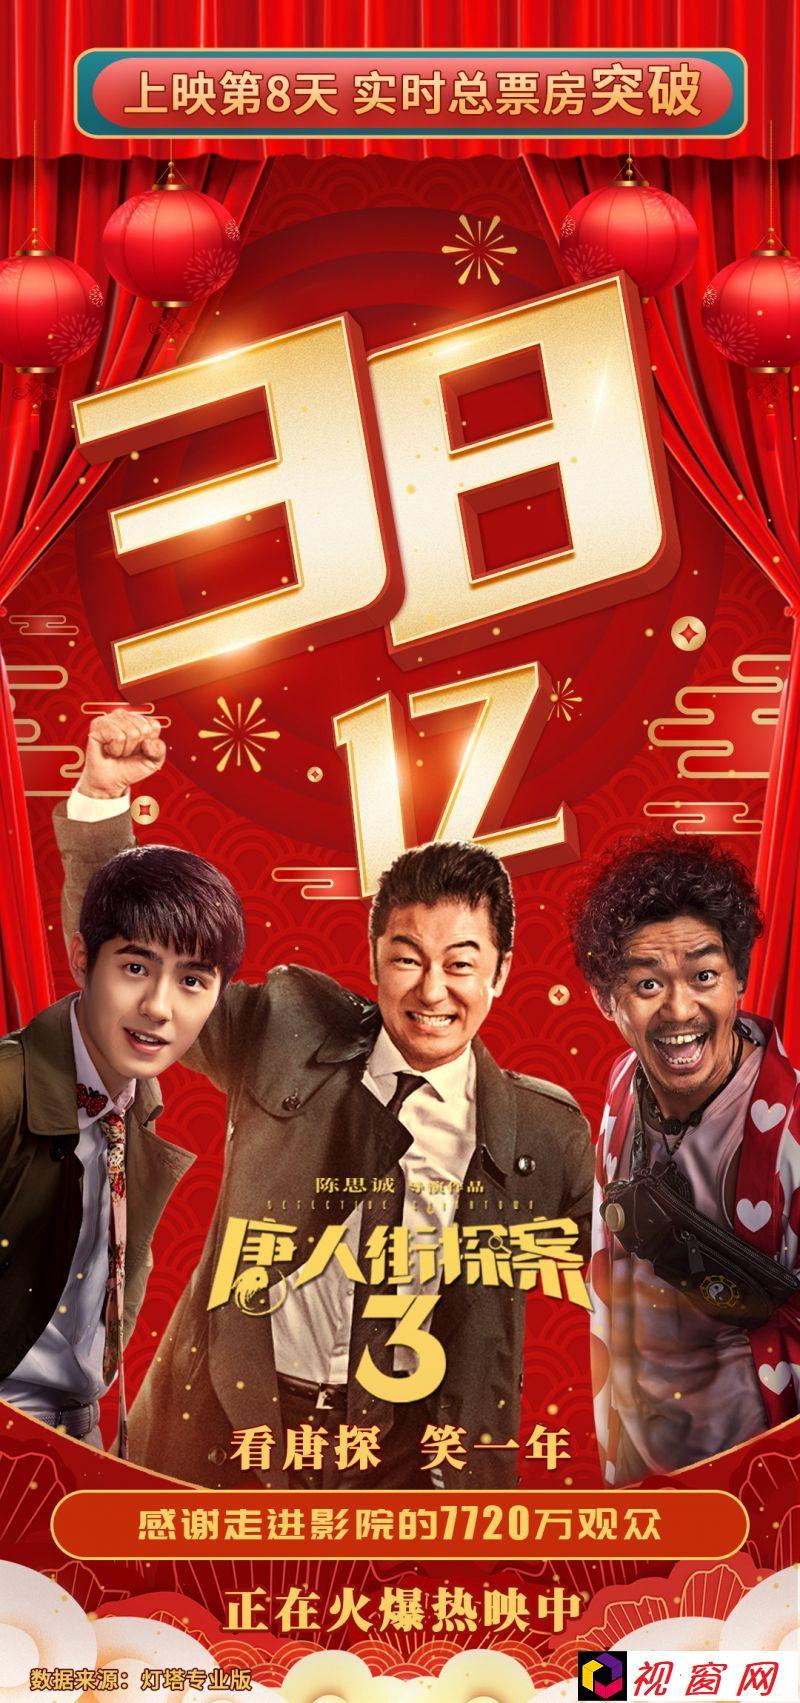 电影《唐人街探案3》票房破38亿!看唐探笑一年!